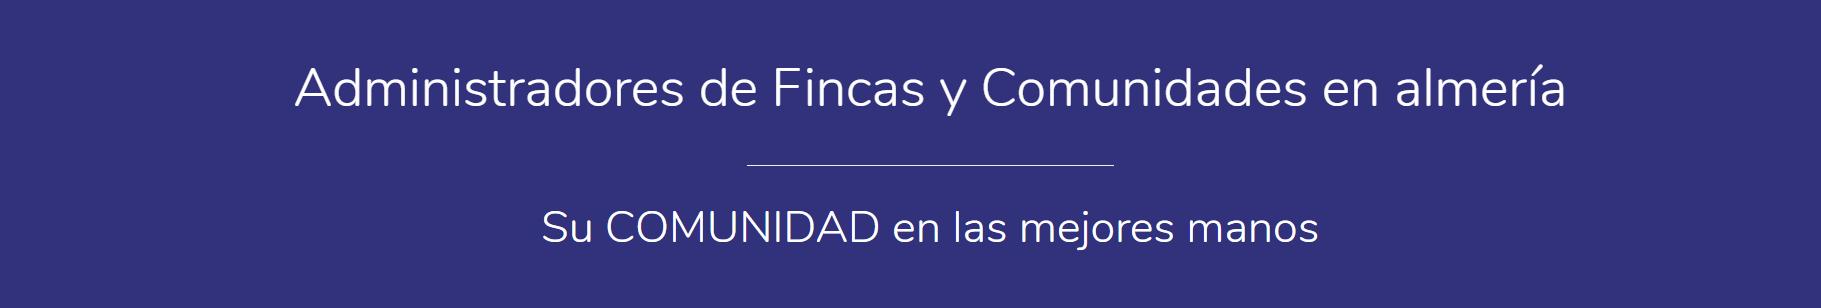 Administradores de Fincas en Almería